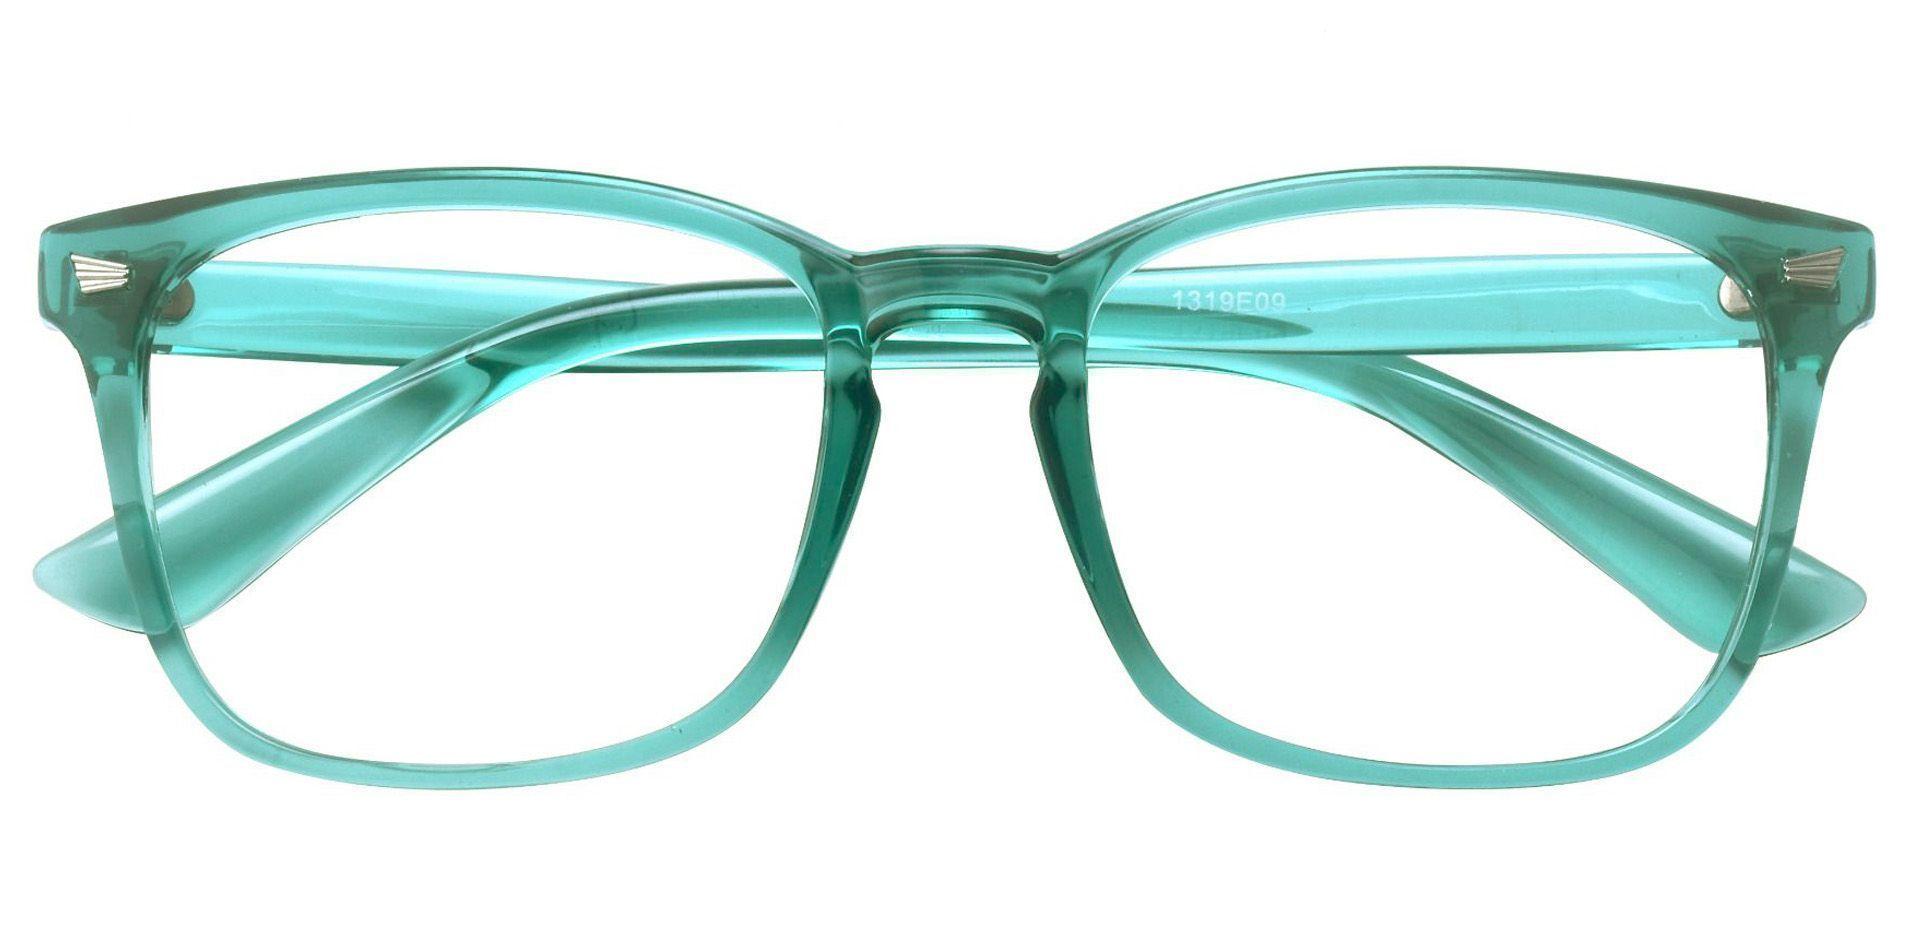 Rogan Square Prescription Glasses - Green